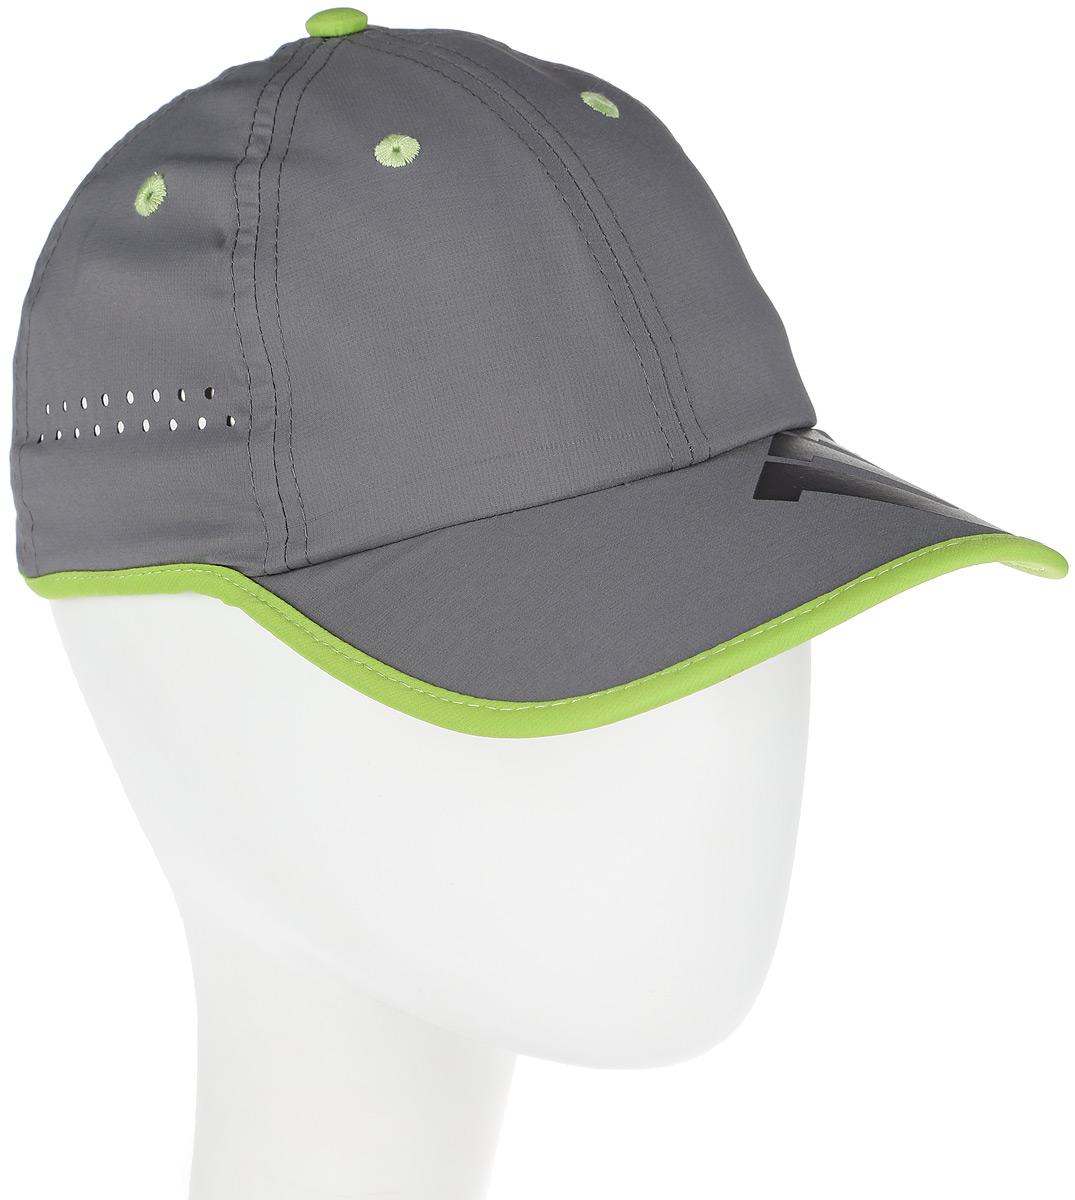 Бейсболка для тенниса женская Wilson Baseboll Hat, цвет: серый. WRA733703. Размер универсальныйWRA733703Бейсболка Wilson является отличным аксессуаром для занятий спортом. Удобная и практичная, она обеспечит вам надежную защиту от неблагоприятных погодных условий. Вентиляционные отверстия и эластичный край для комфортной посадки.